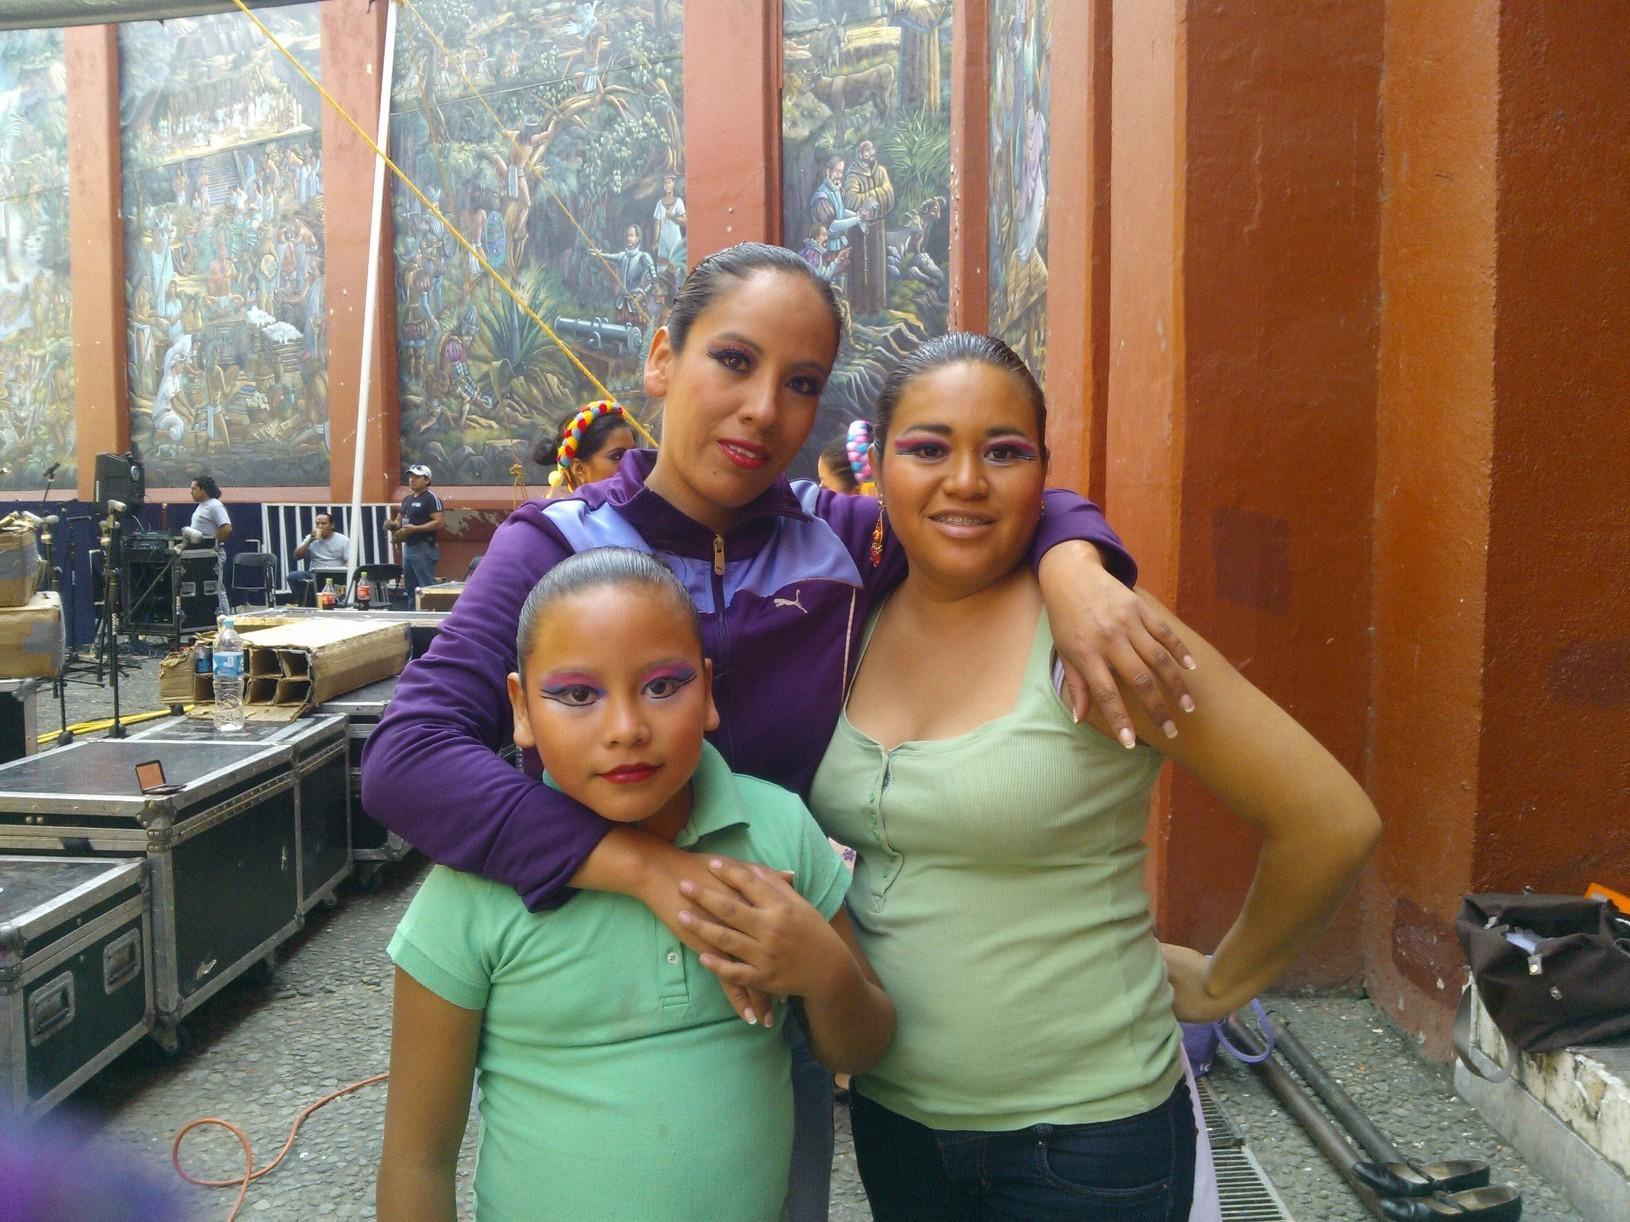 Tres hermosuras posando jajaja